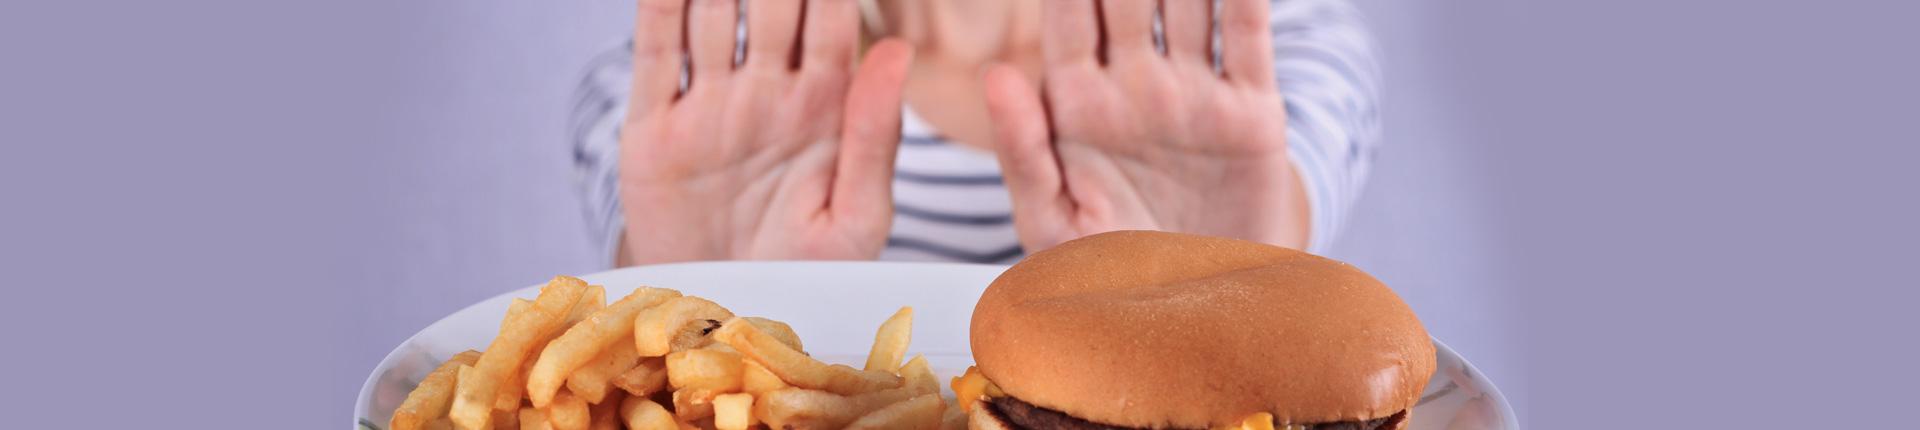 Dieta eliminacyjna, która może odmienić Twoje życie